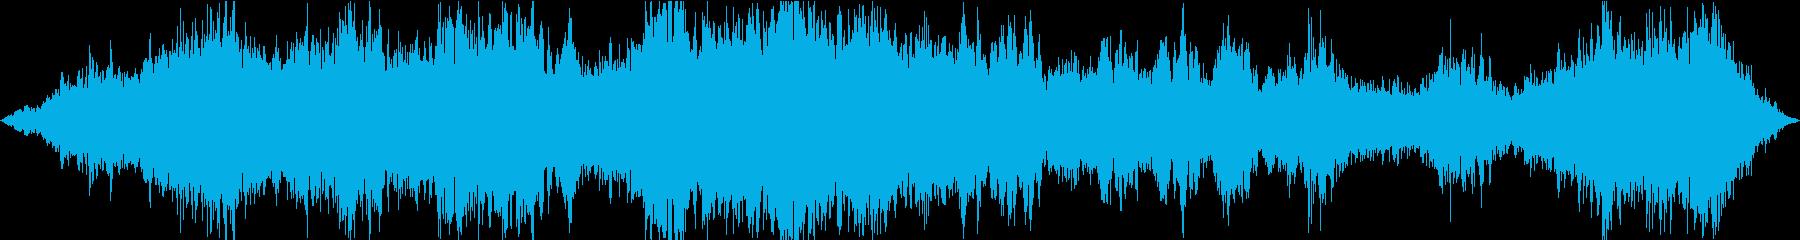 ドローン スペイン語02の再生済みの波形